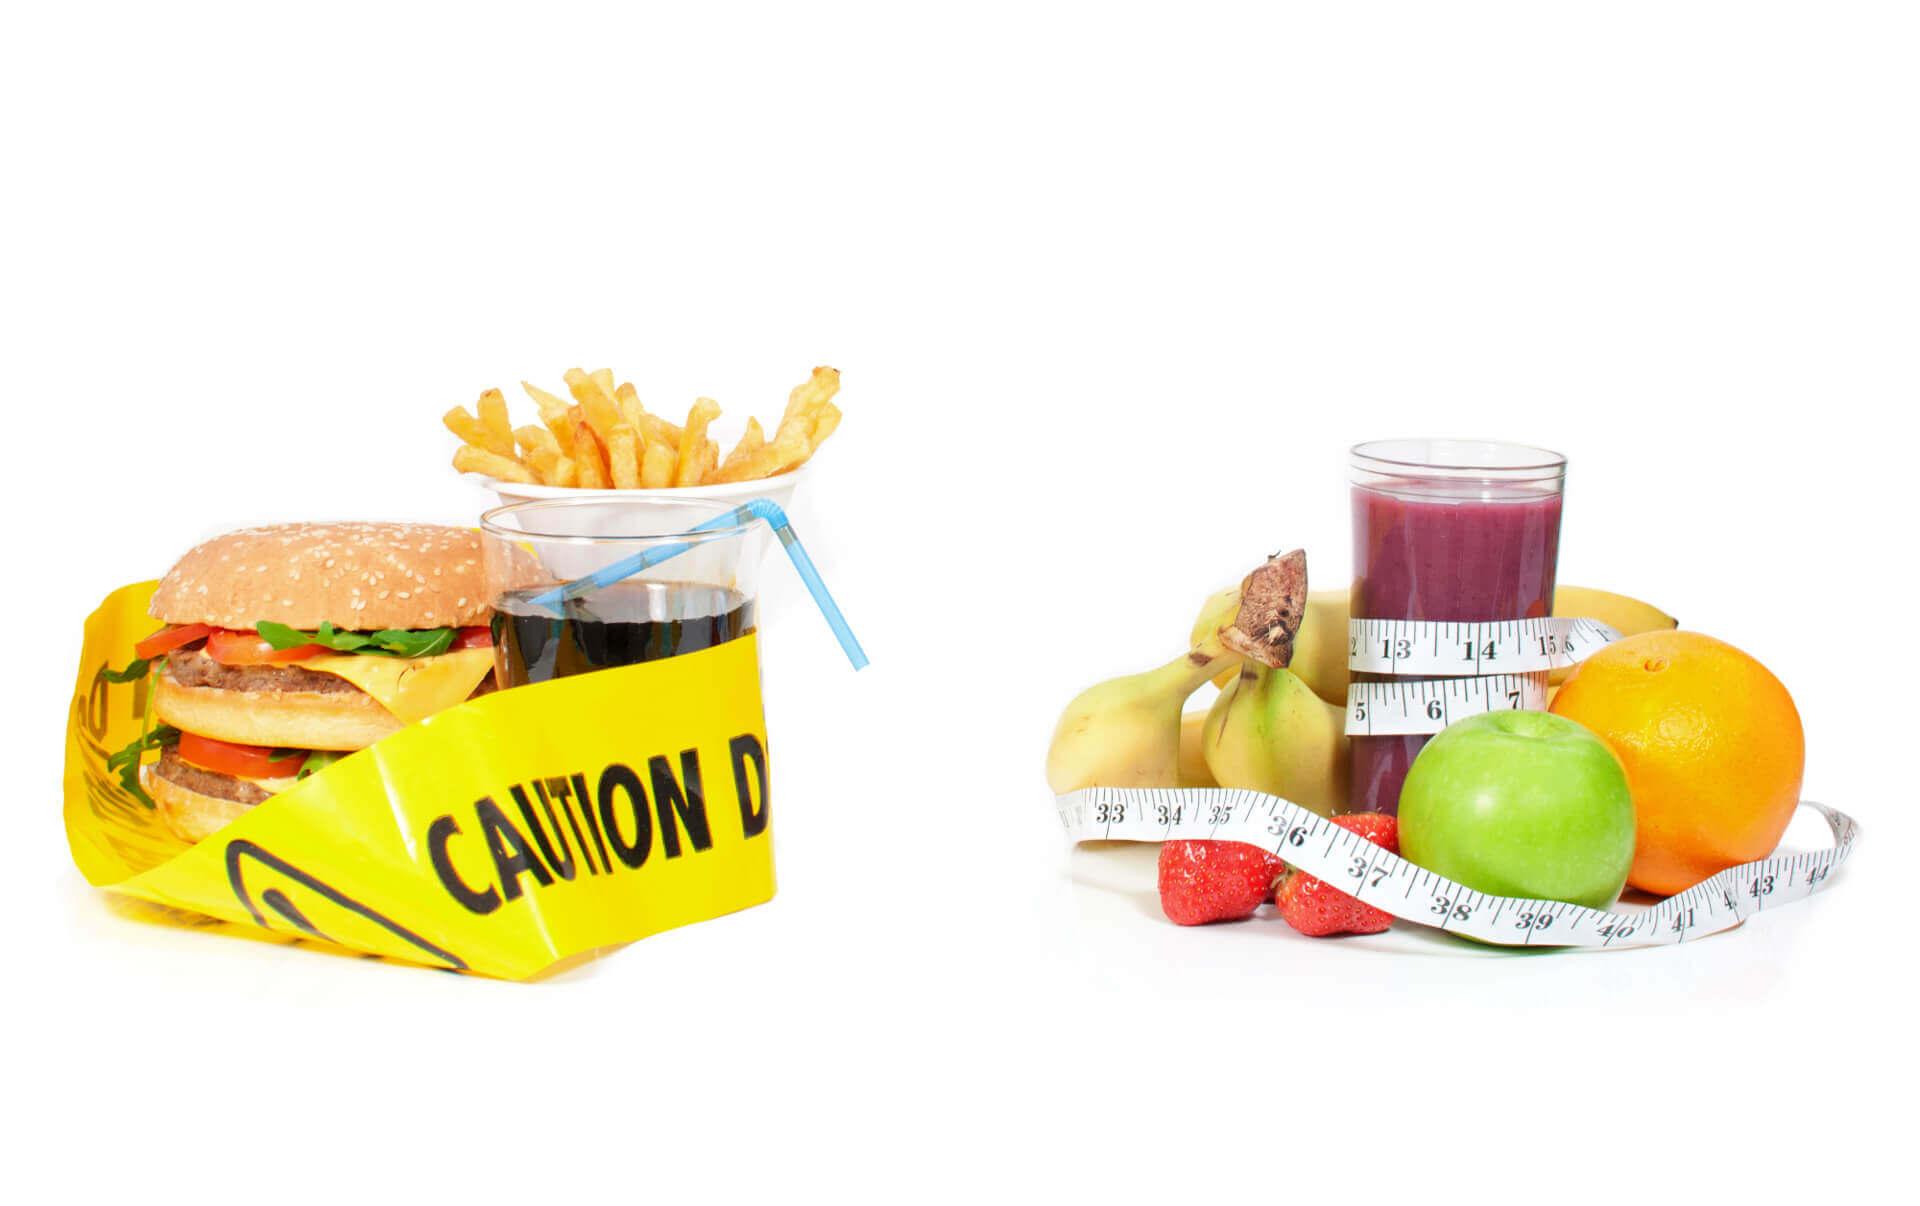 Śmieciowe czy zdrowe jedzenie?